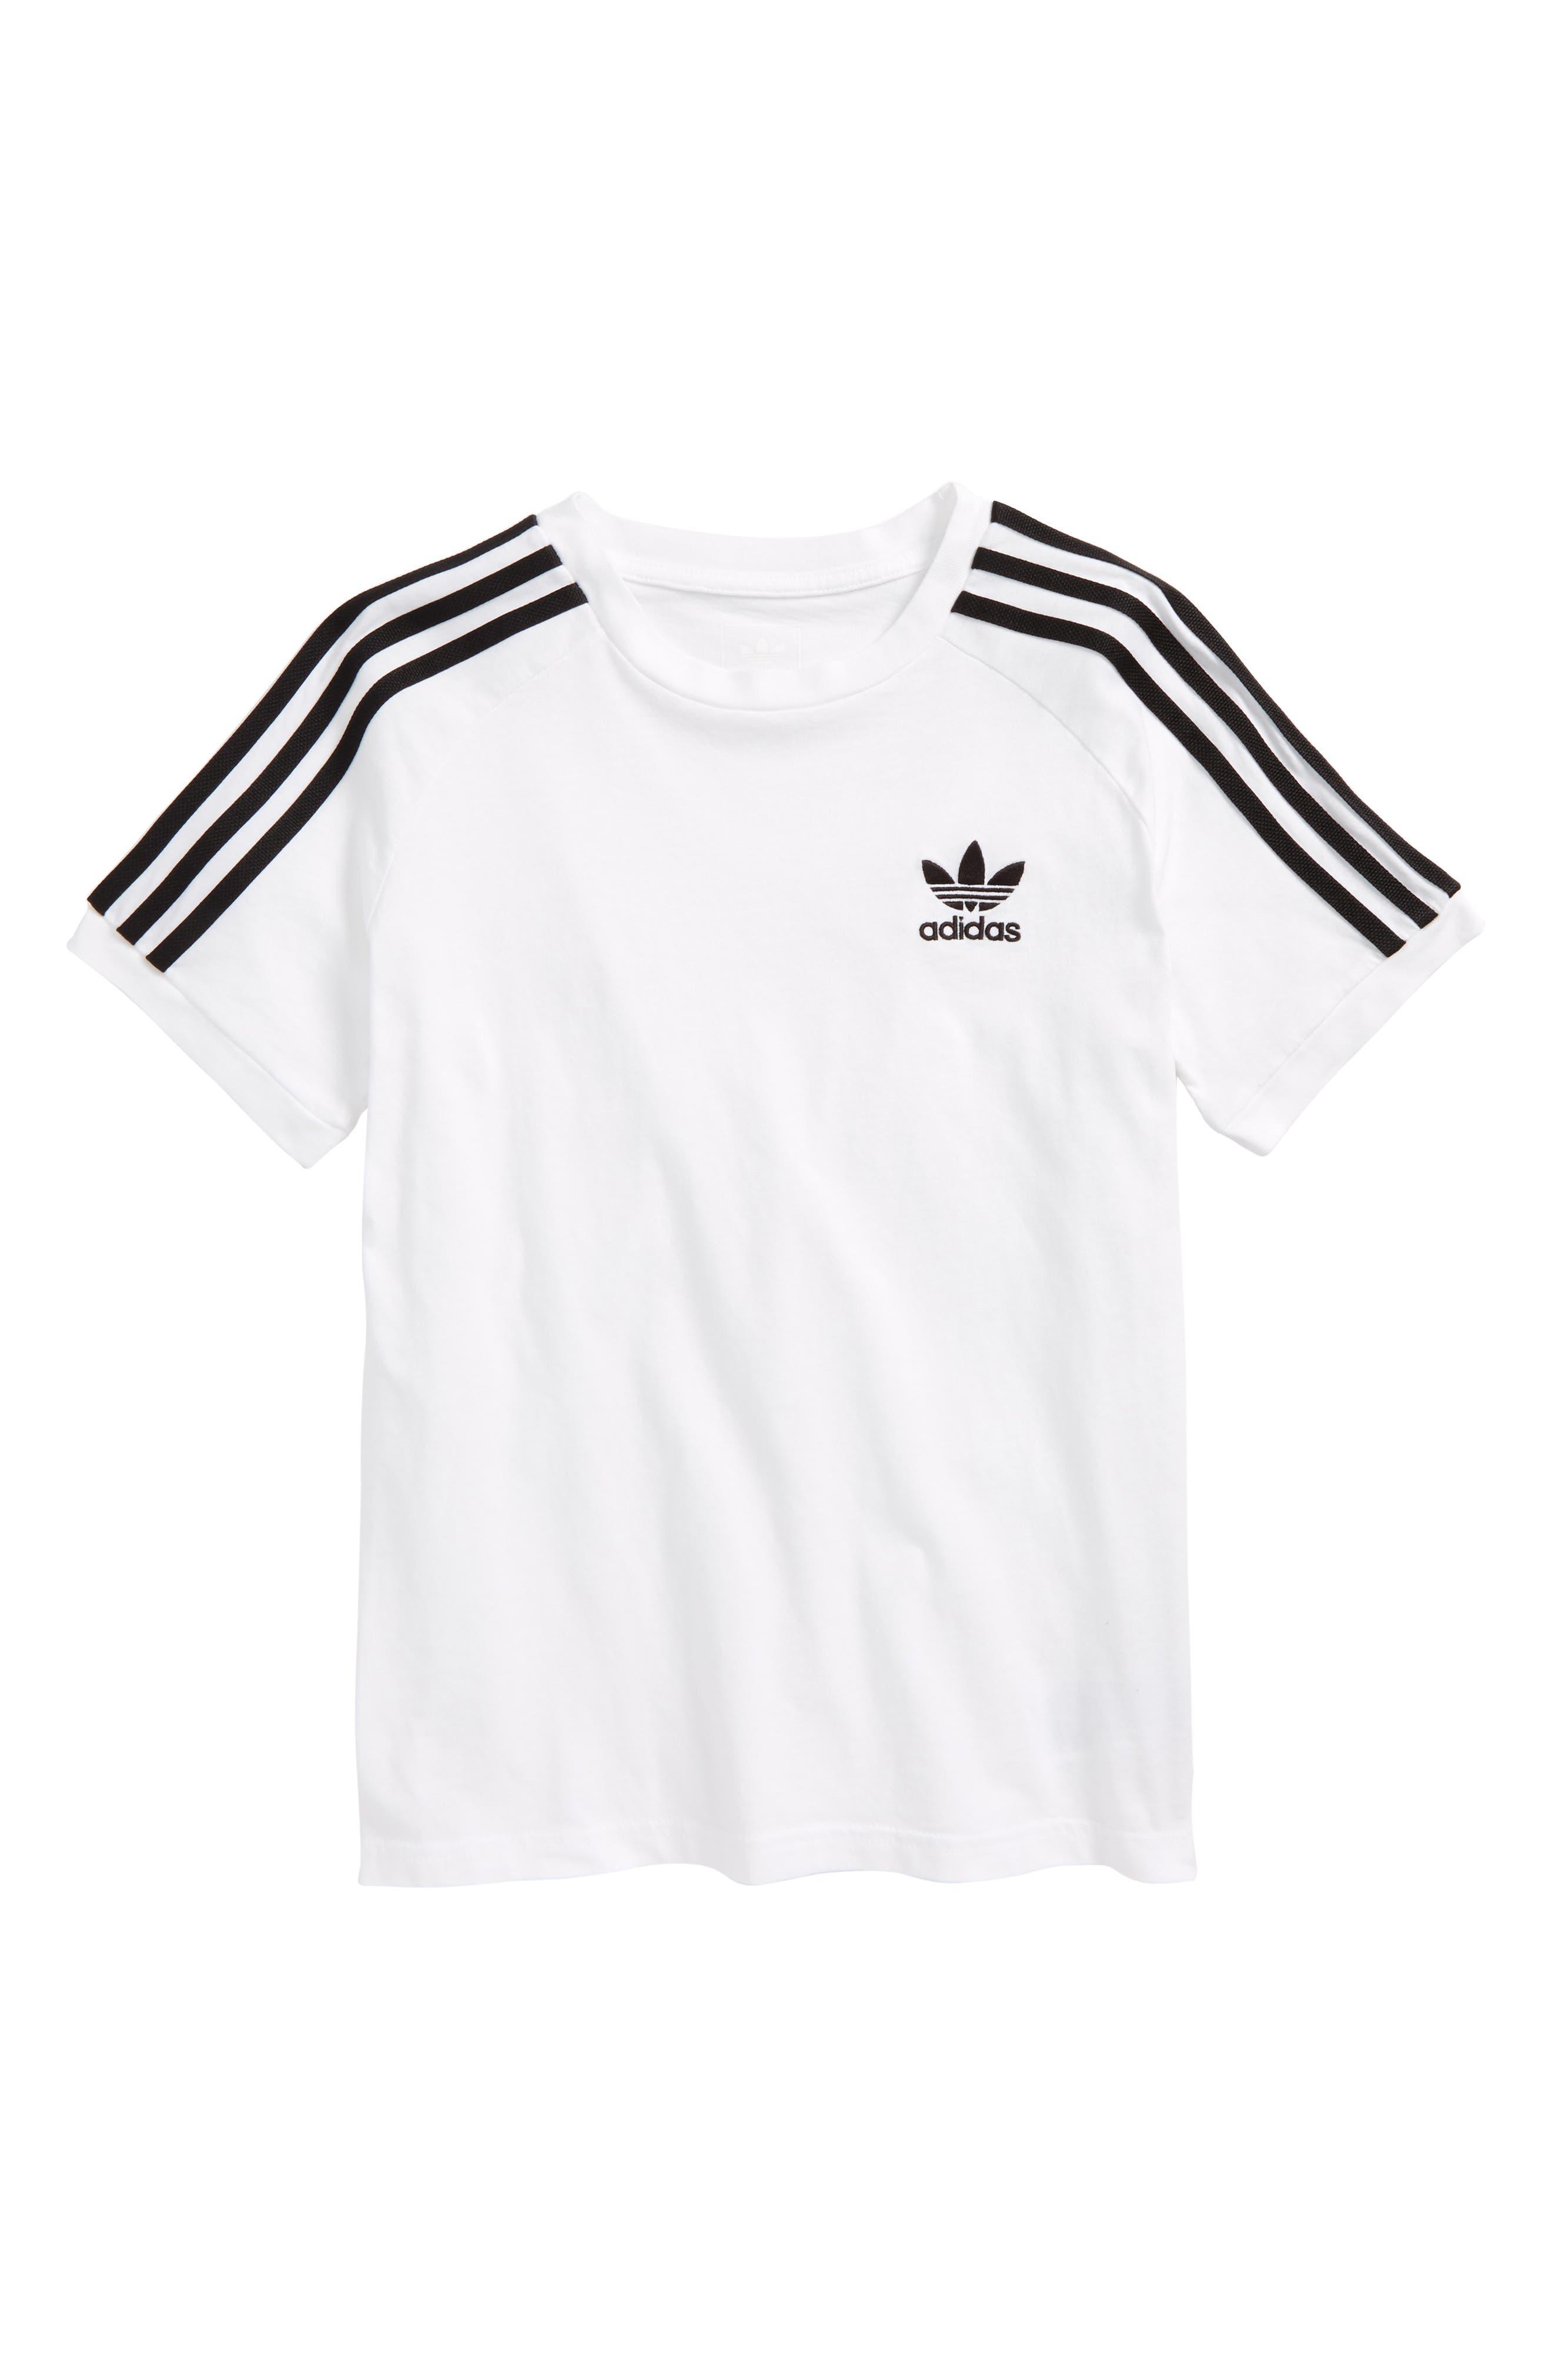 California T-Shirt,                             Main thumbnail 1, color,                             WHITE/ BLACK